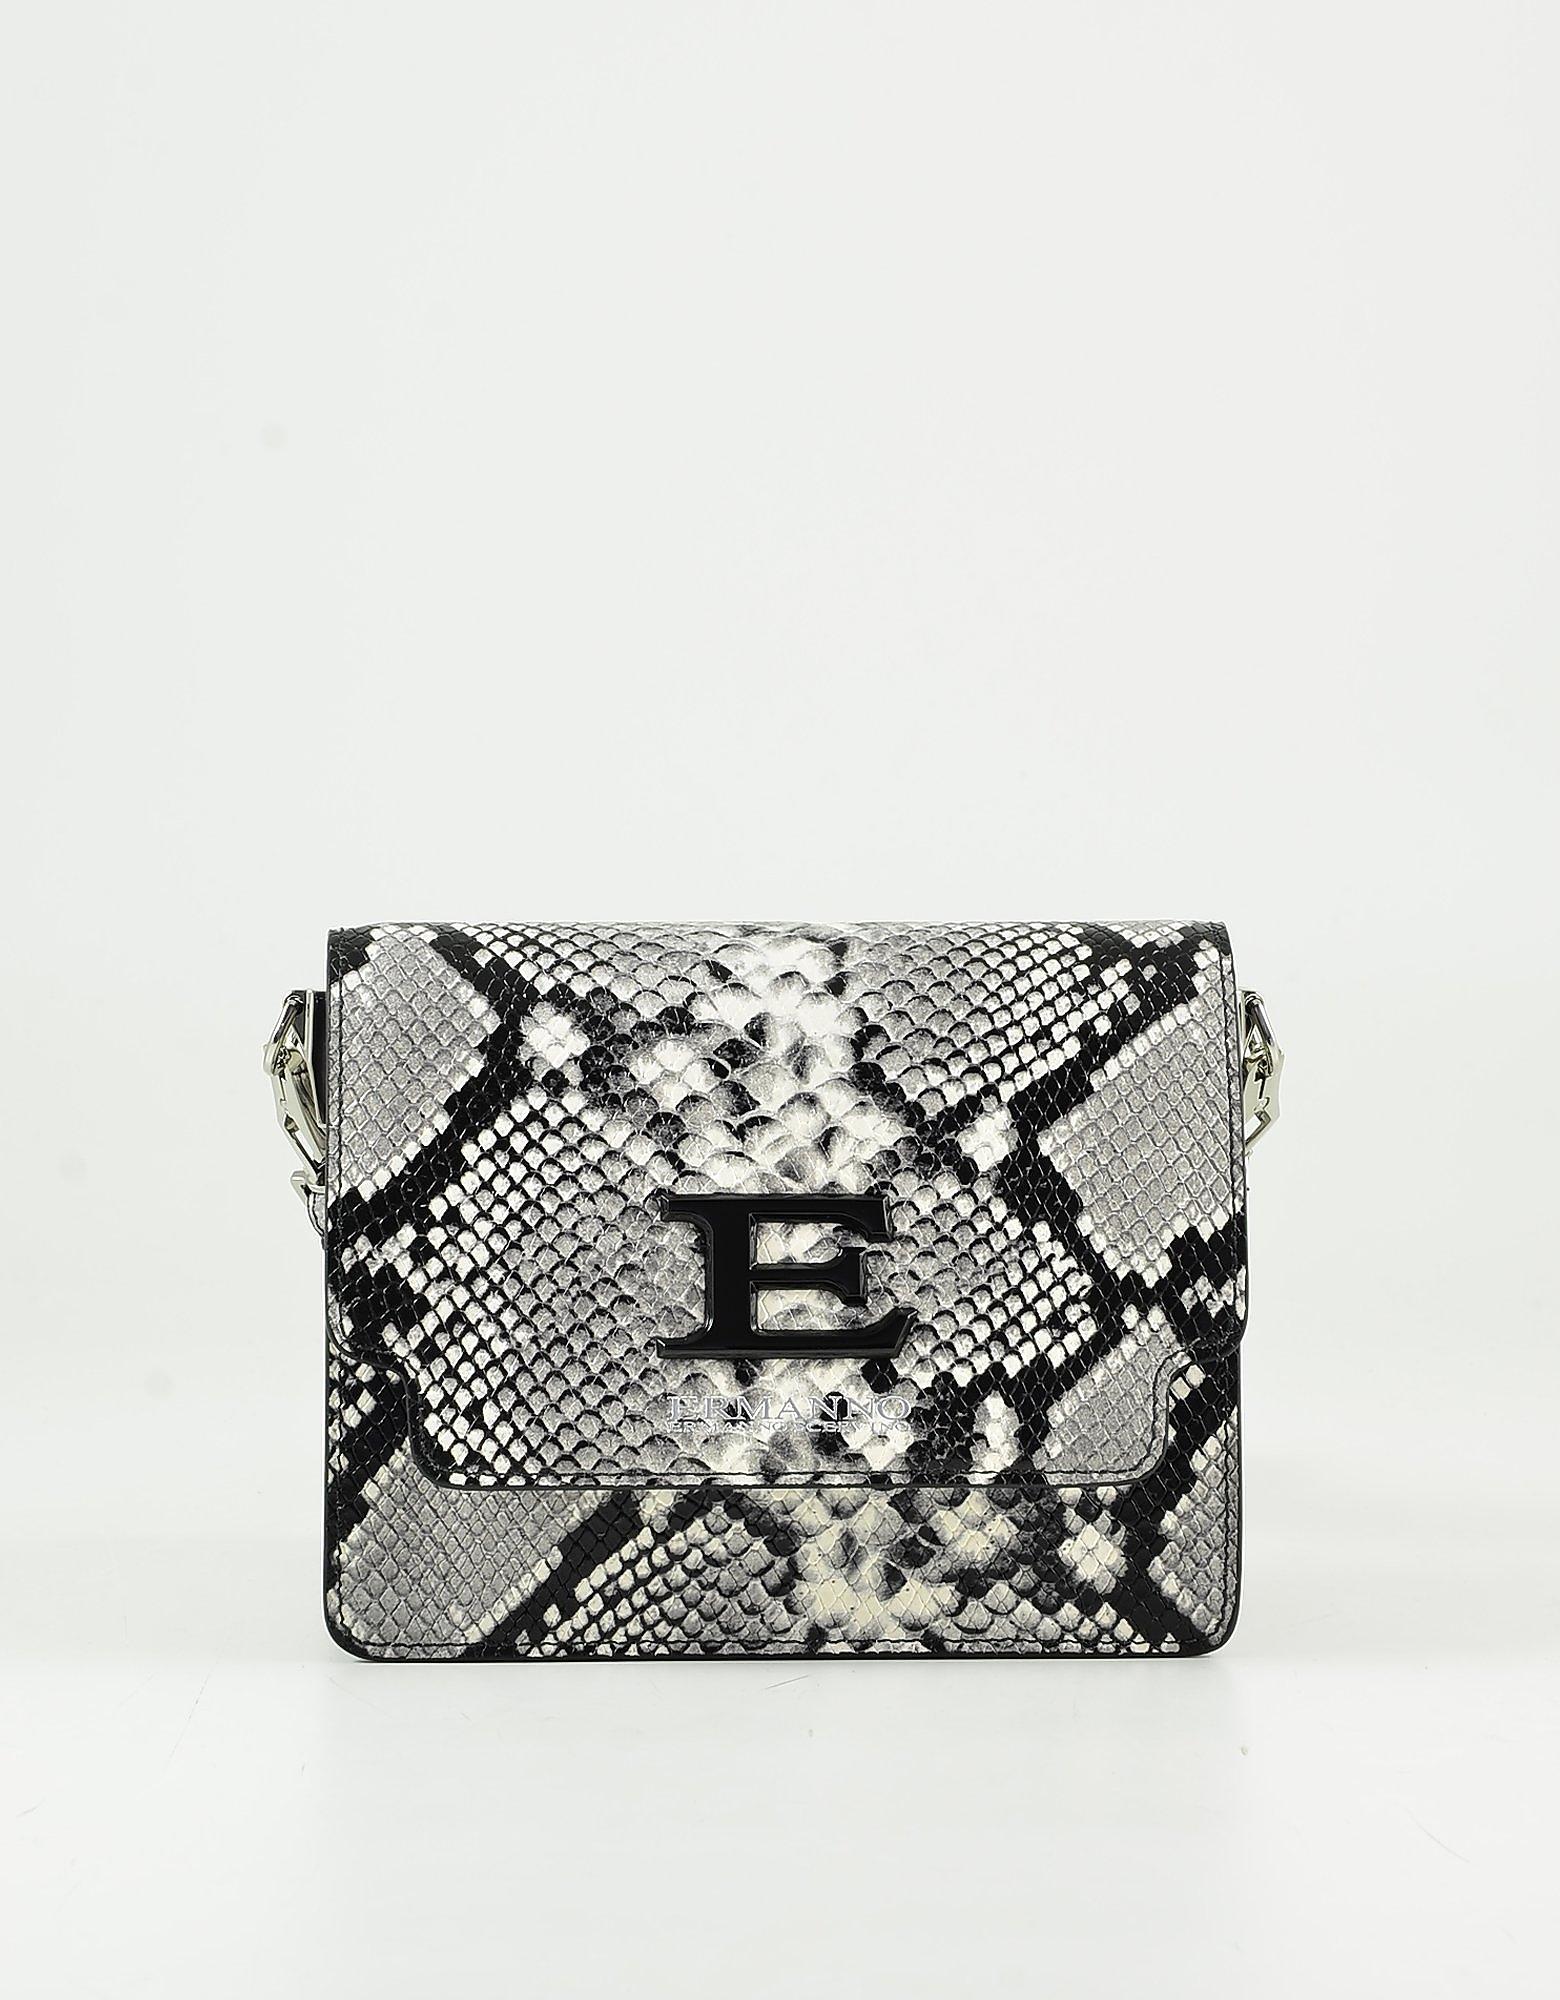 Ermanno Scervino Stone Gray Embossed Leather Shoulder Bag